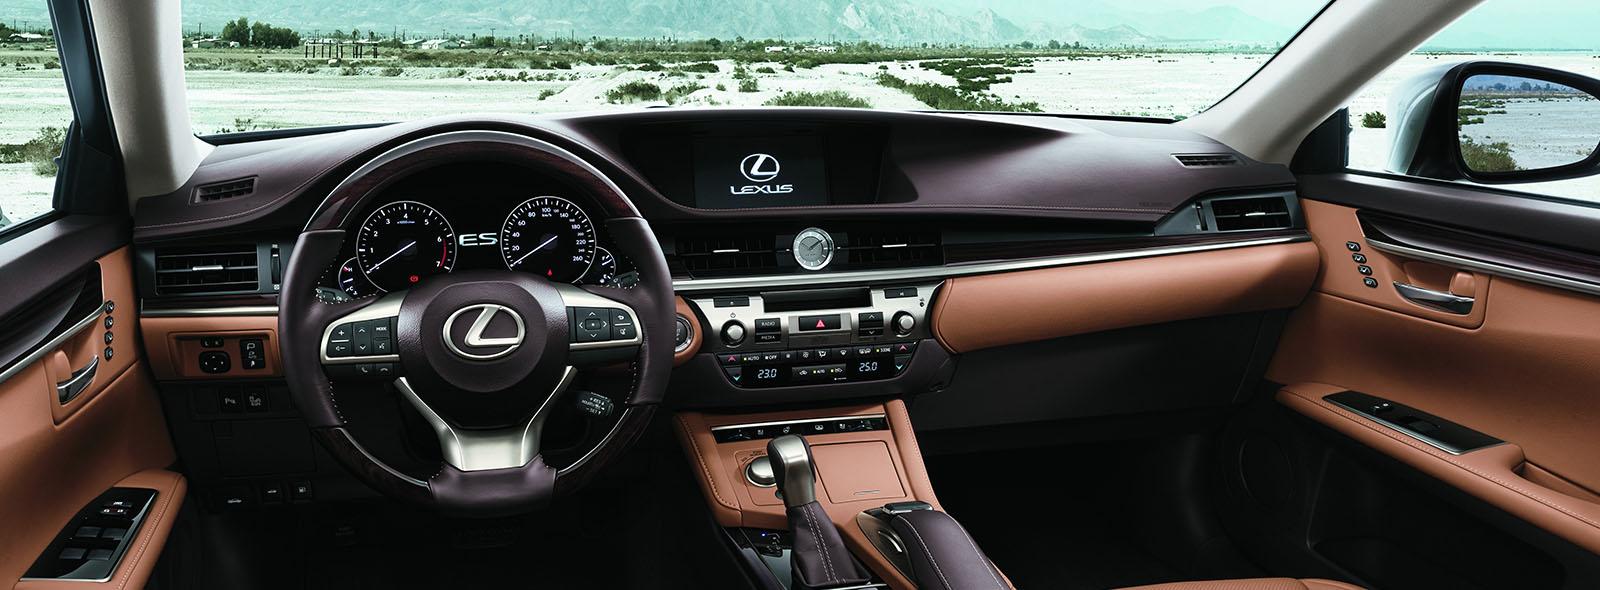 Роскошный интерьер нового седана премиум класса Lexus ES 350